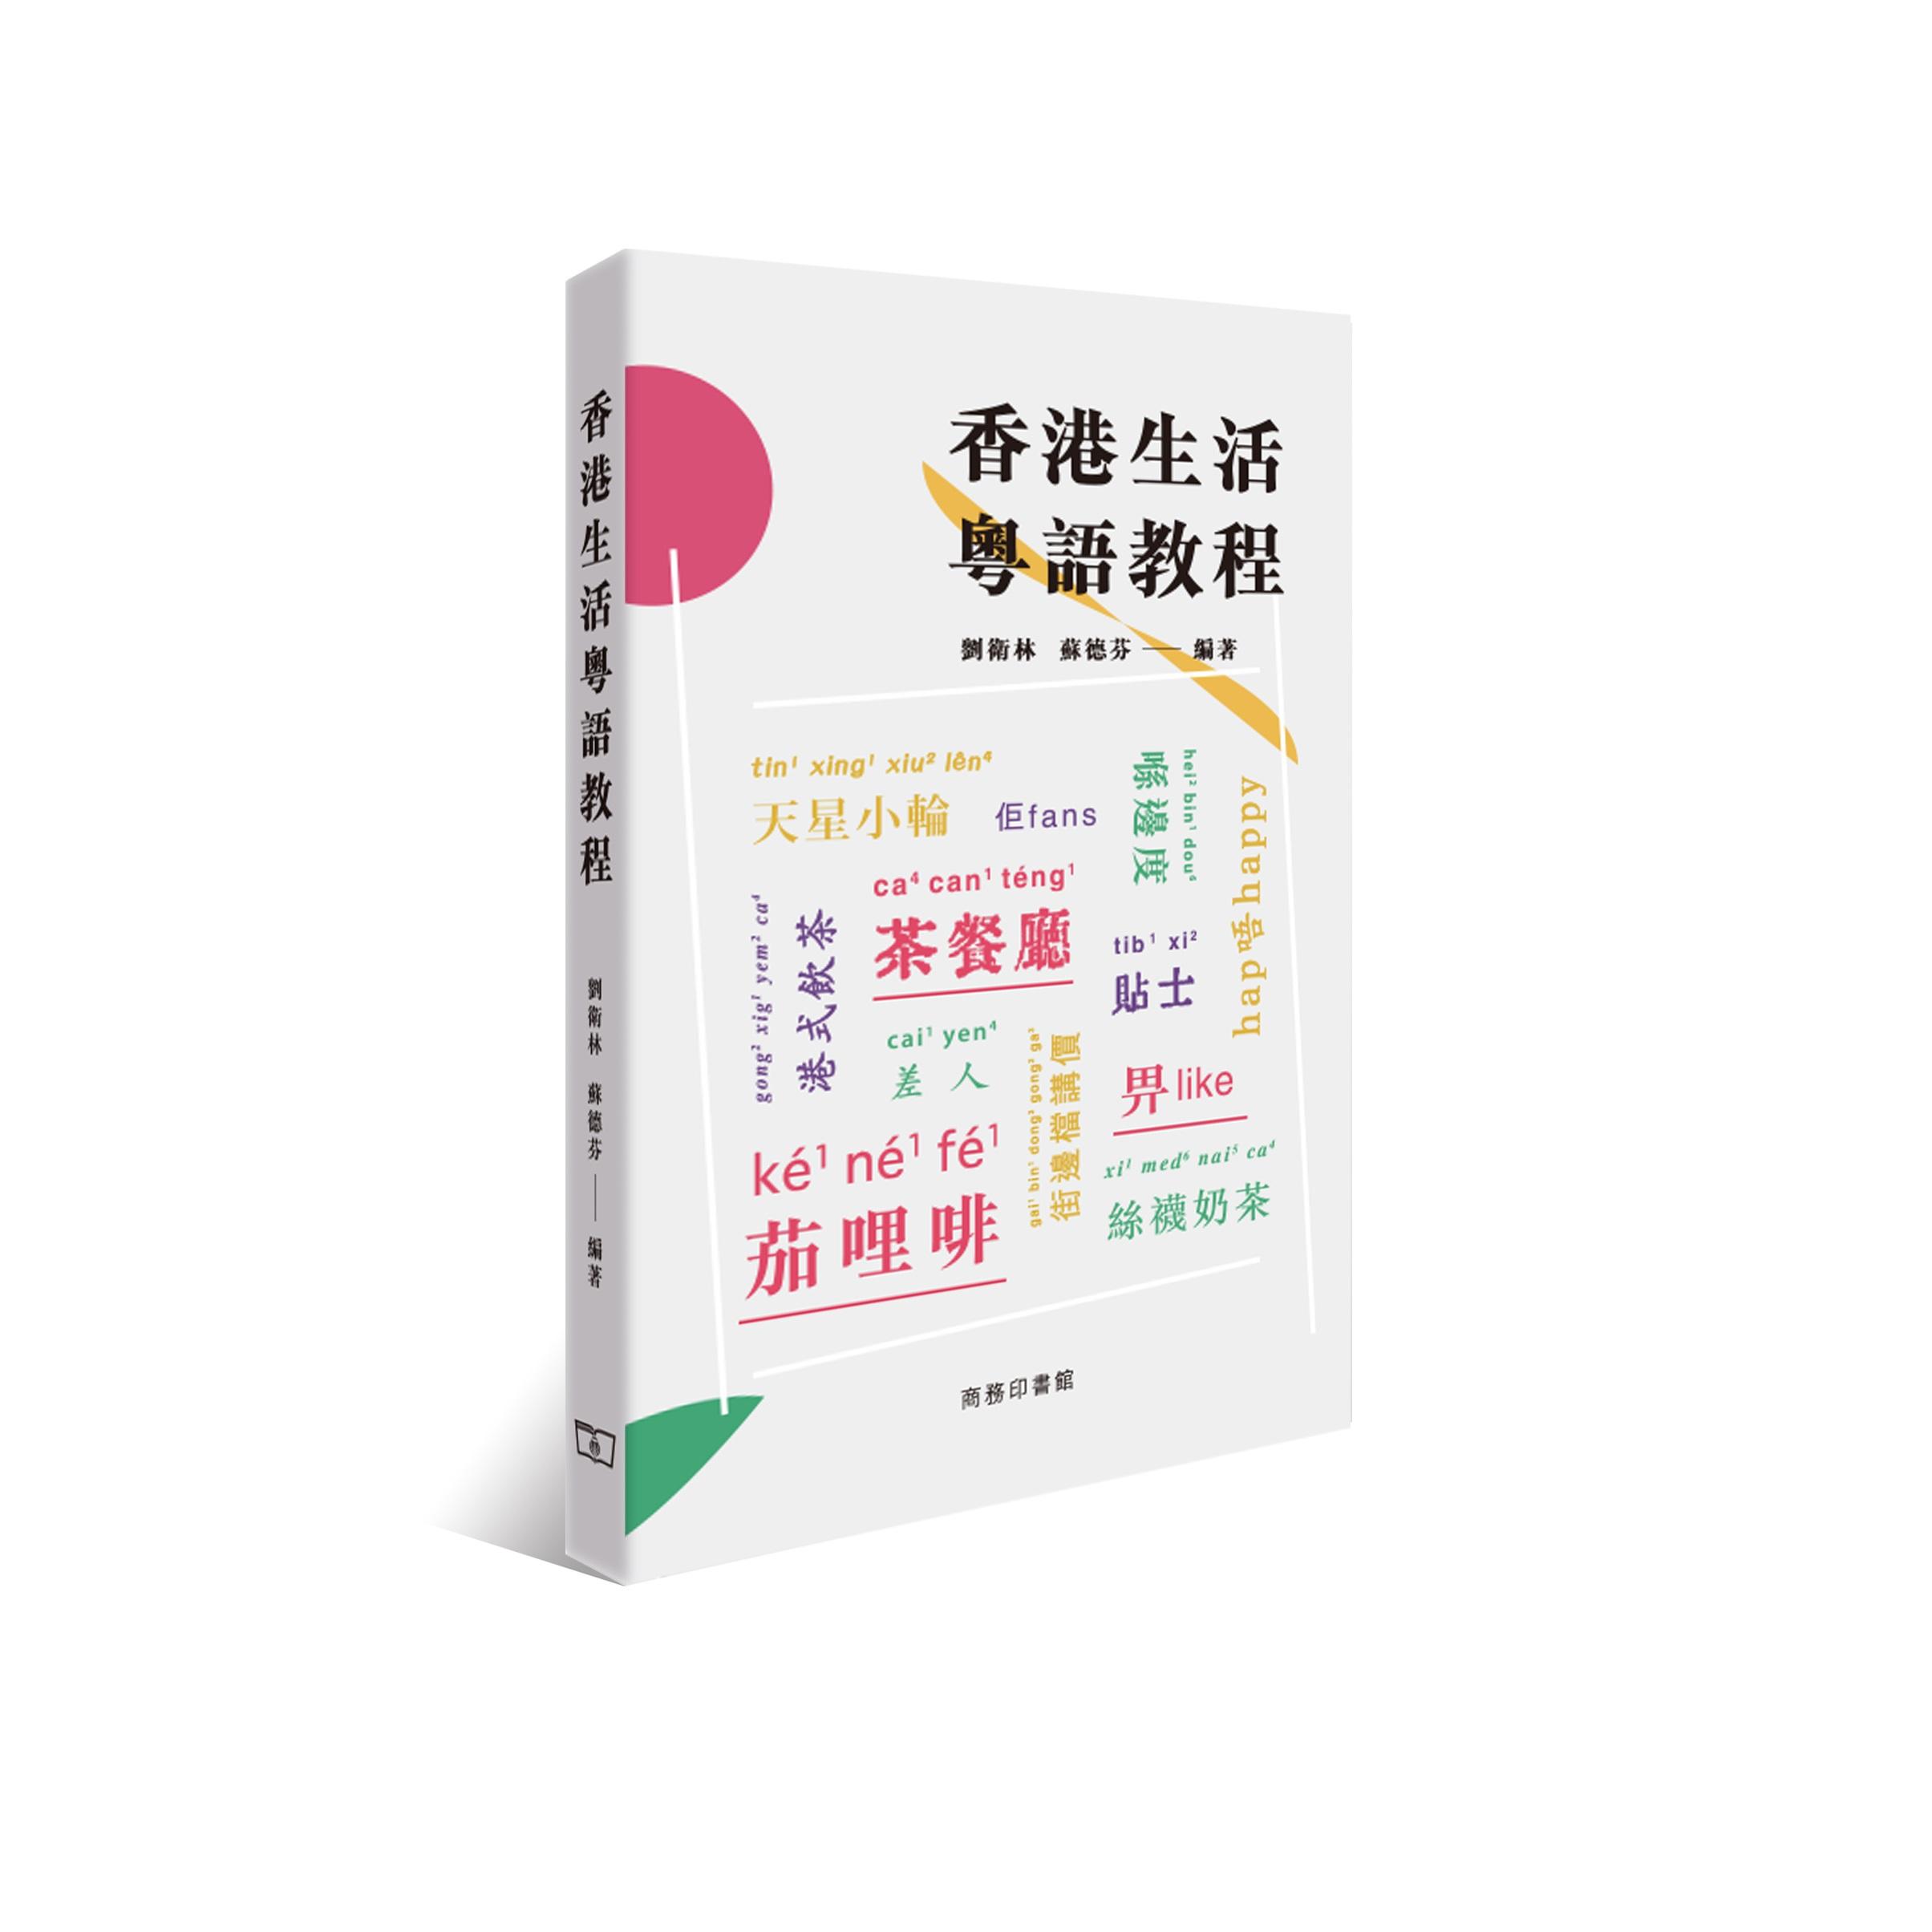 粵語 教學 書